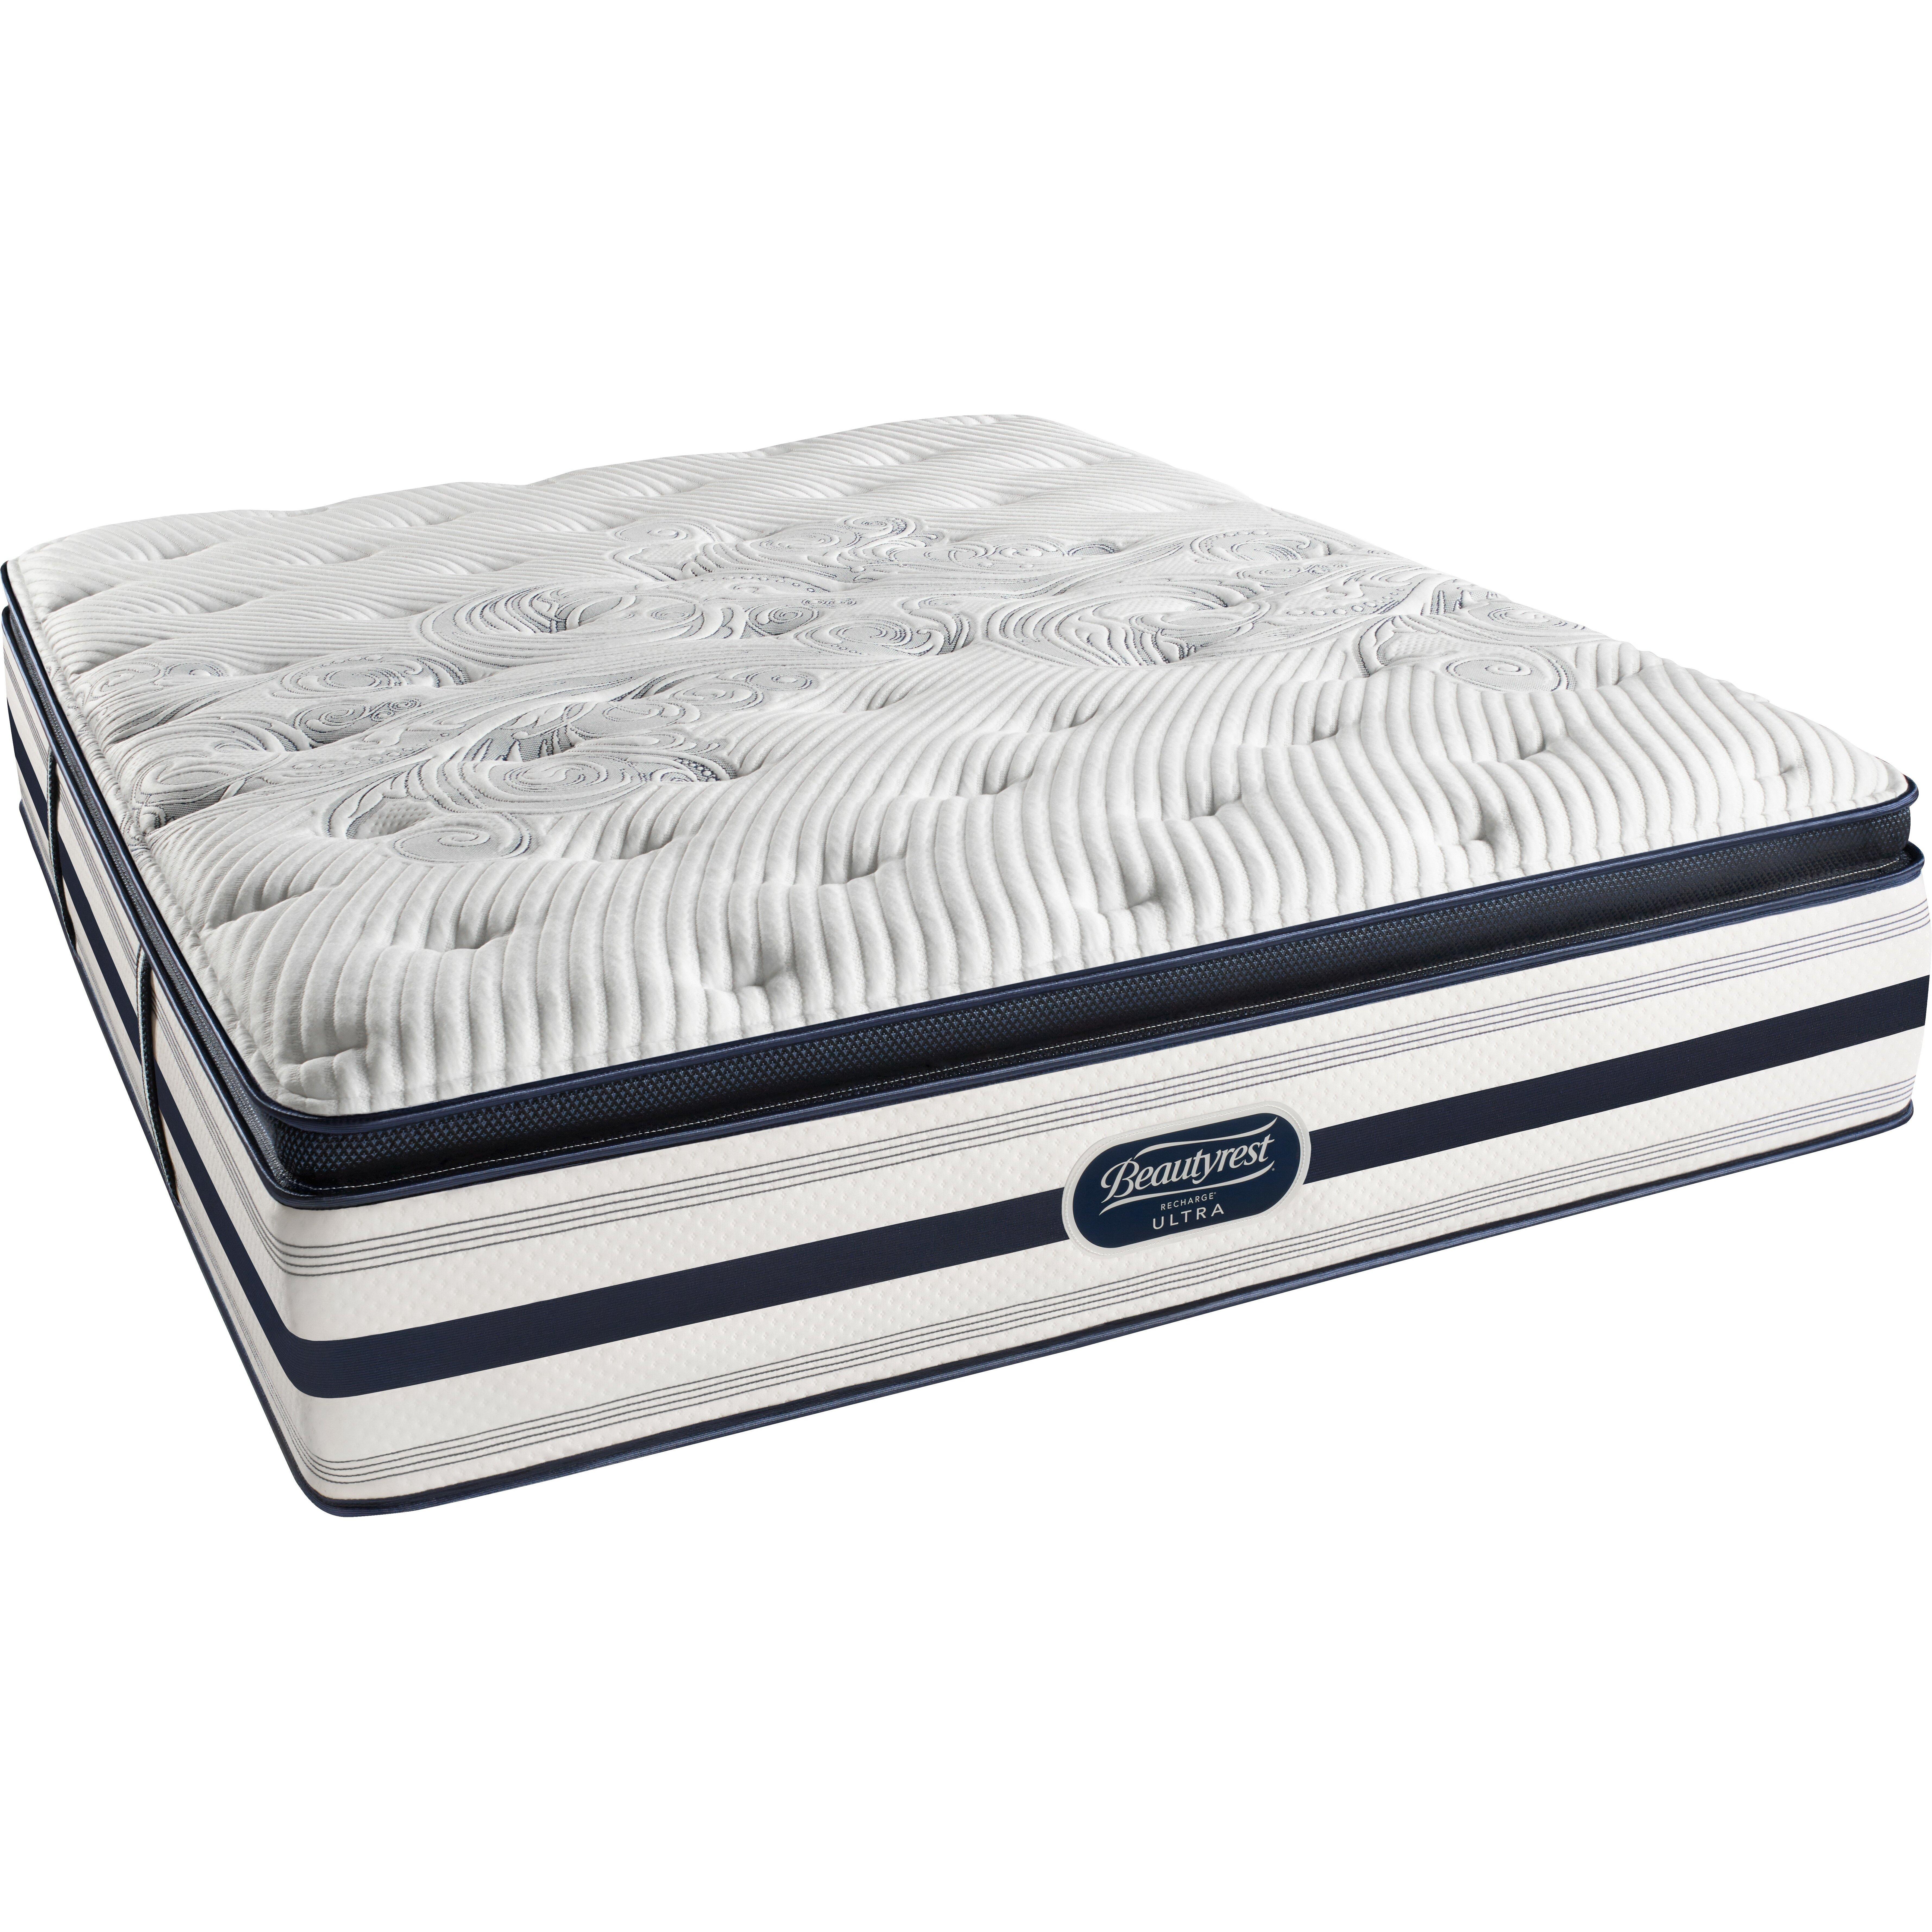 Beautyrest mattress